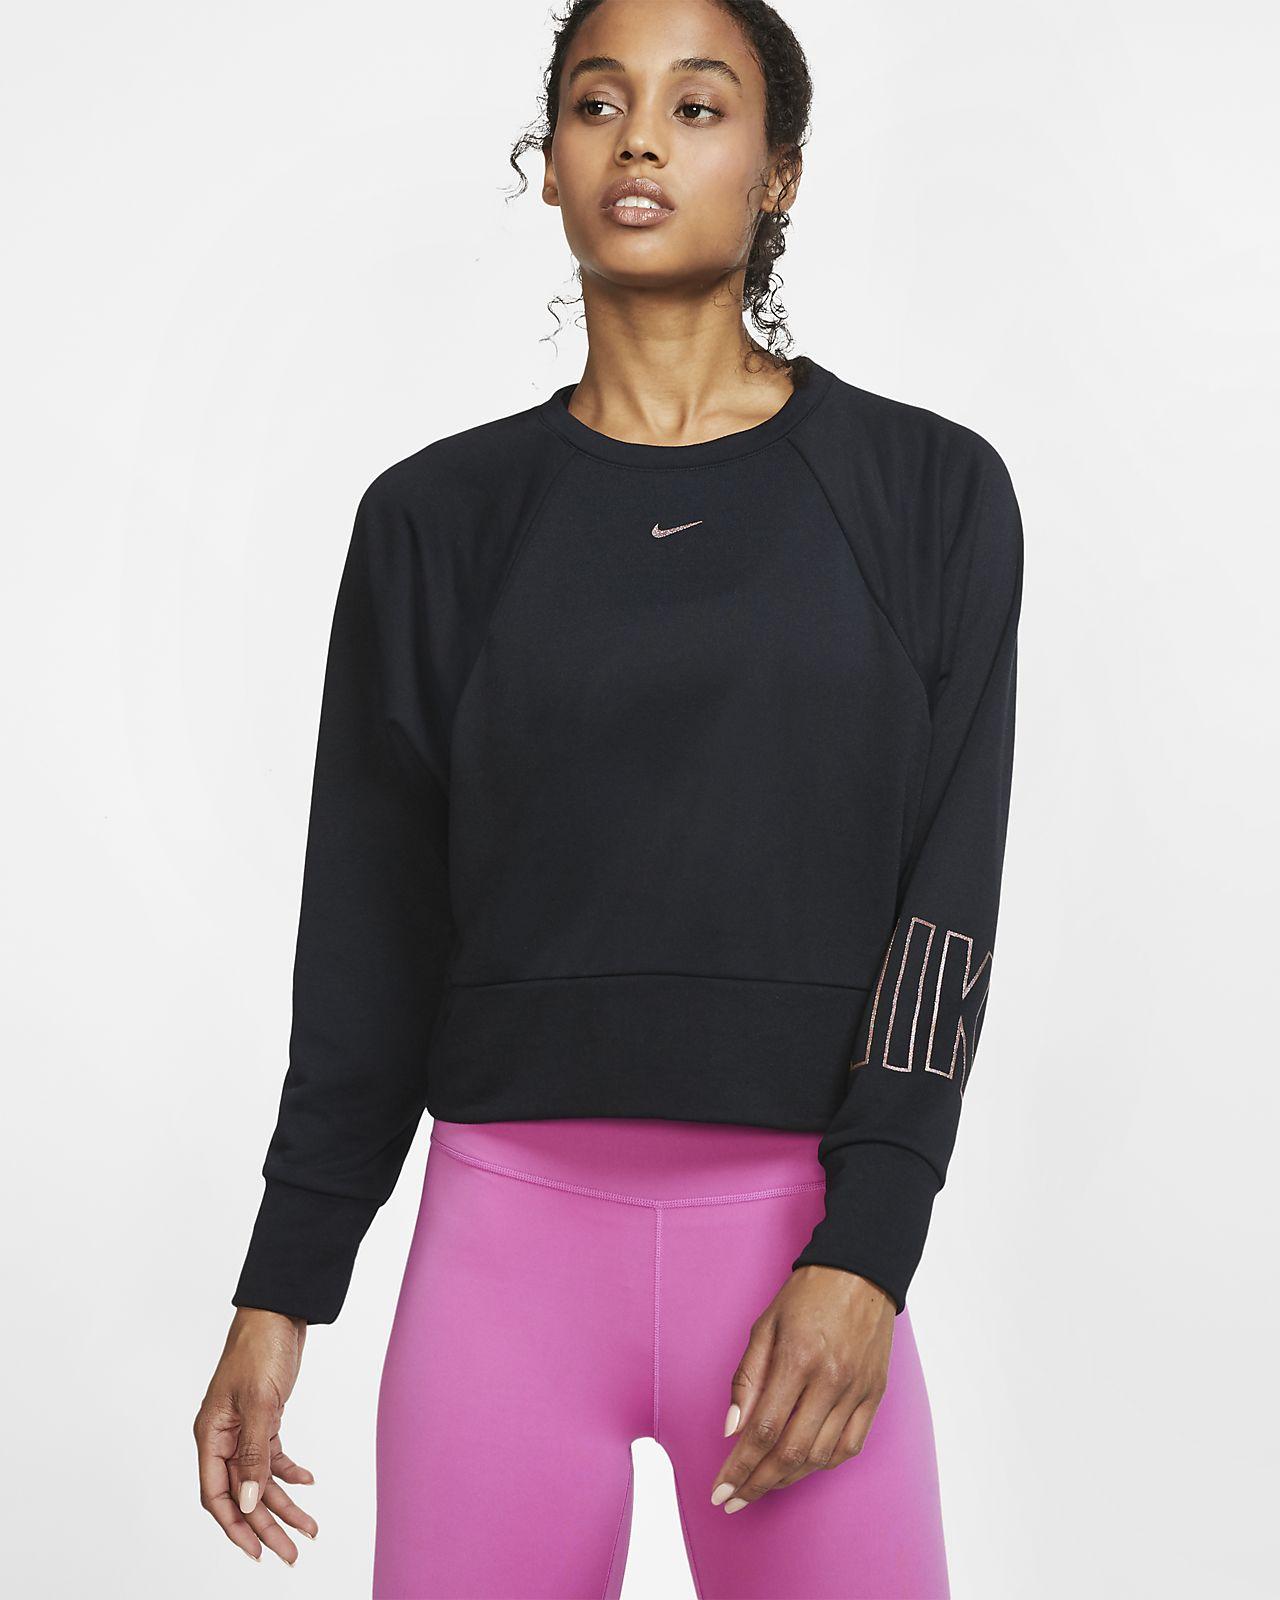 Träningströja i fleece Nike Dri-FIT Get Fit med rund hals och tryck för kvinnor